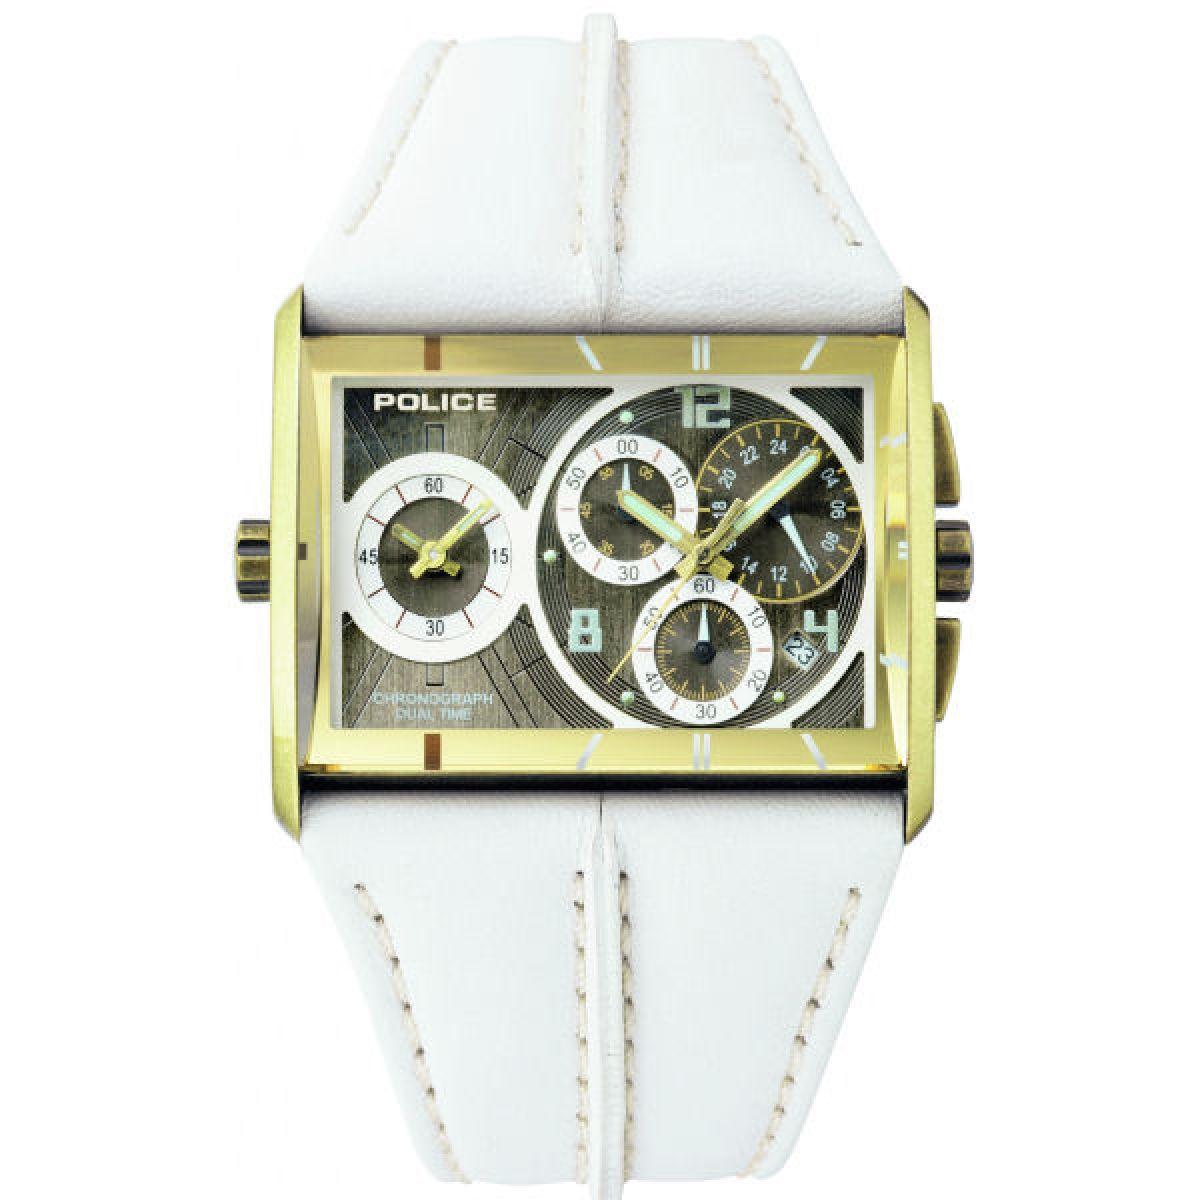 unisex police twingear chronograph watch 11397jsag 22 watchshop com rh watchshop com